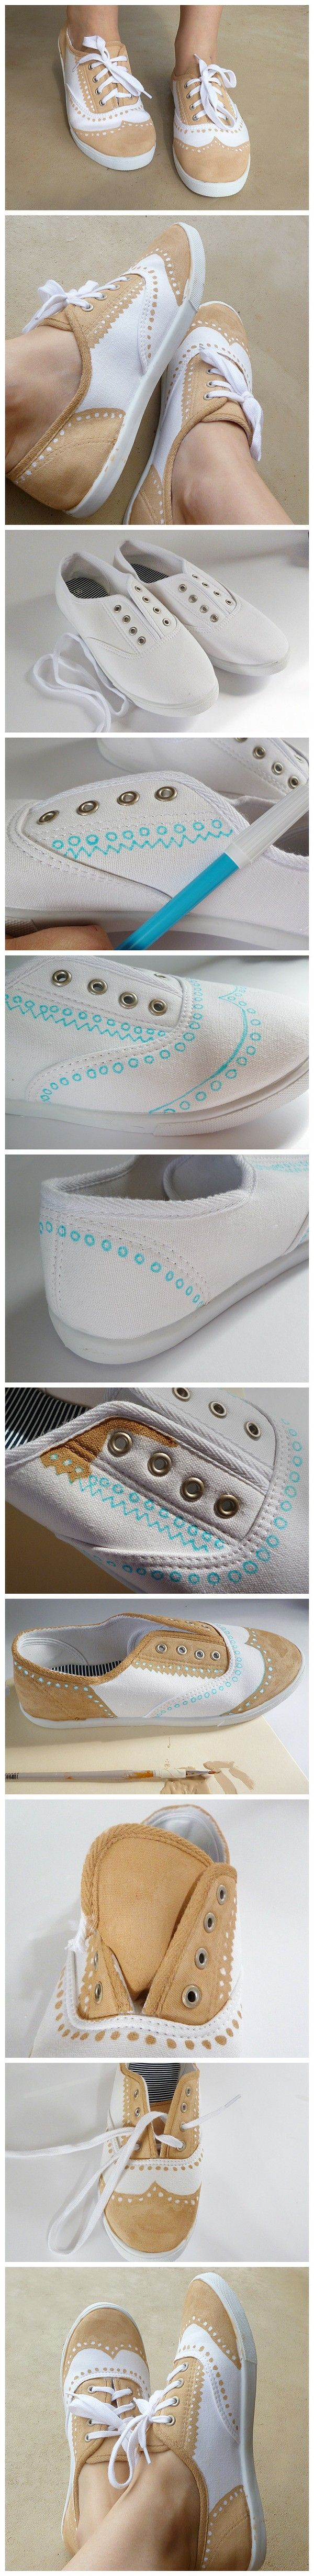 DIY Remodel your sneakers